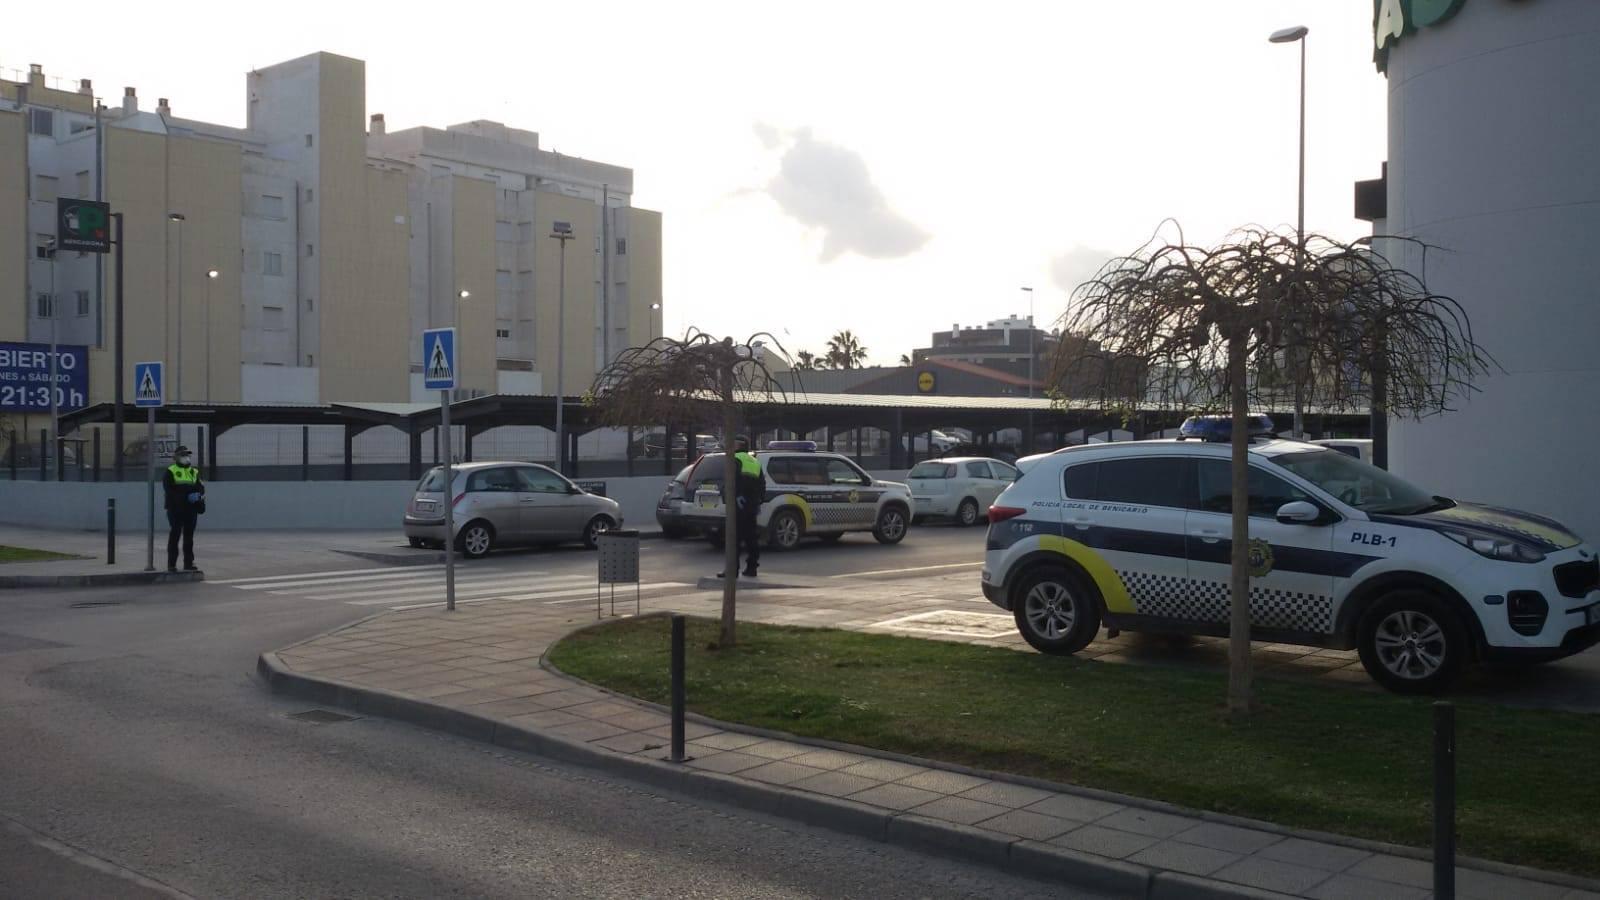 La Policia Local de Benicarló instrueix 7 nou denúncies per incompliment del decret